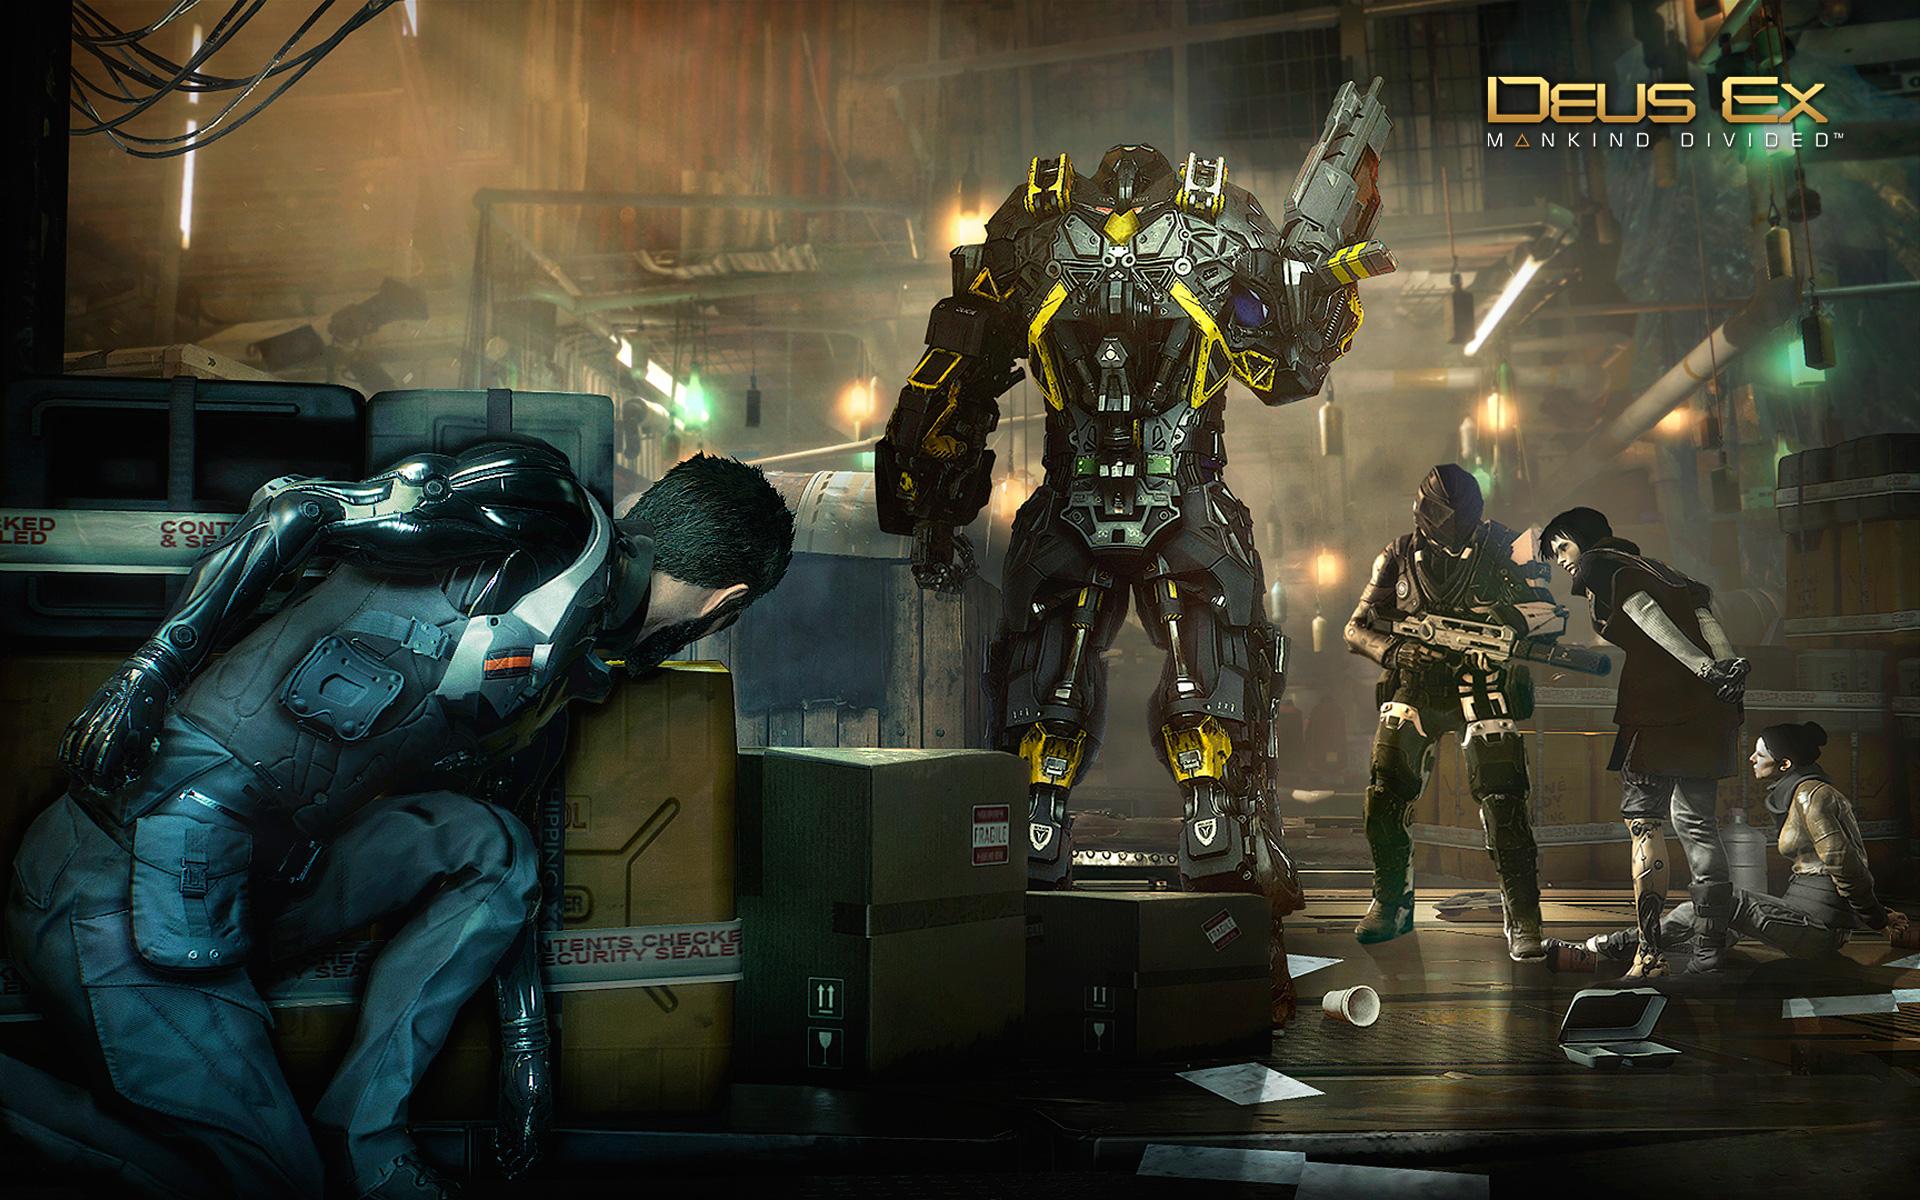 Deus Ex: Mankind Divided Wallpaper in 1920x1200